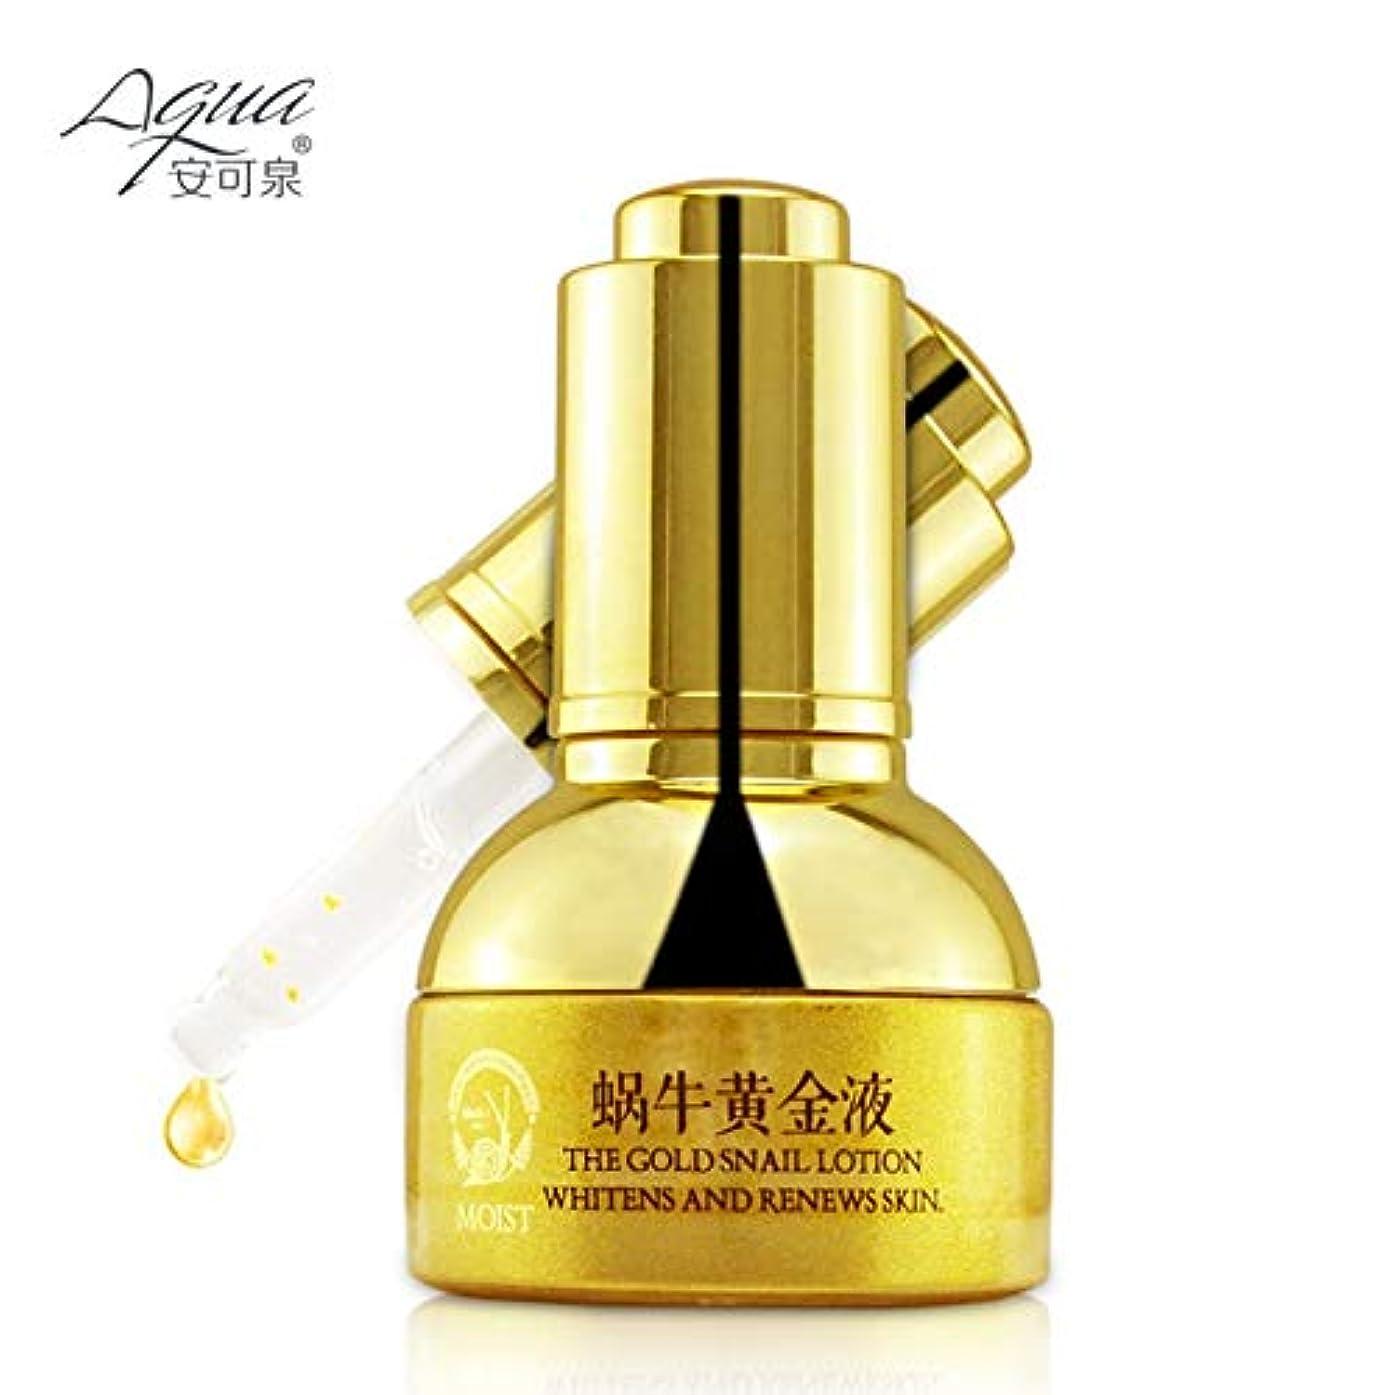 イブニングためにスプーンケアカタツムリエッセンスデイクリームアンチリンクルフェイスコラーゲン寧保湿性液体の美し熱い販売:中国